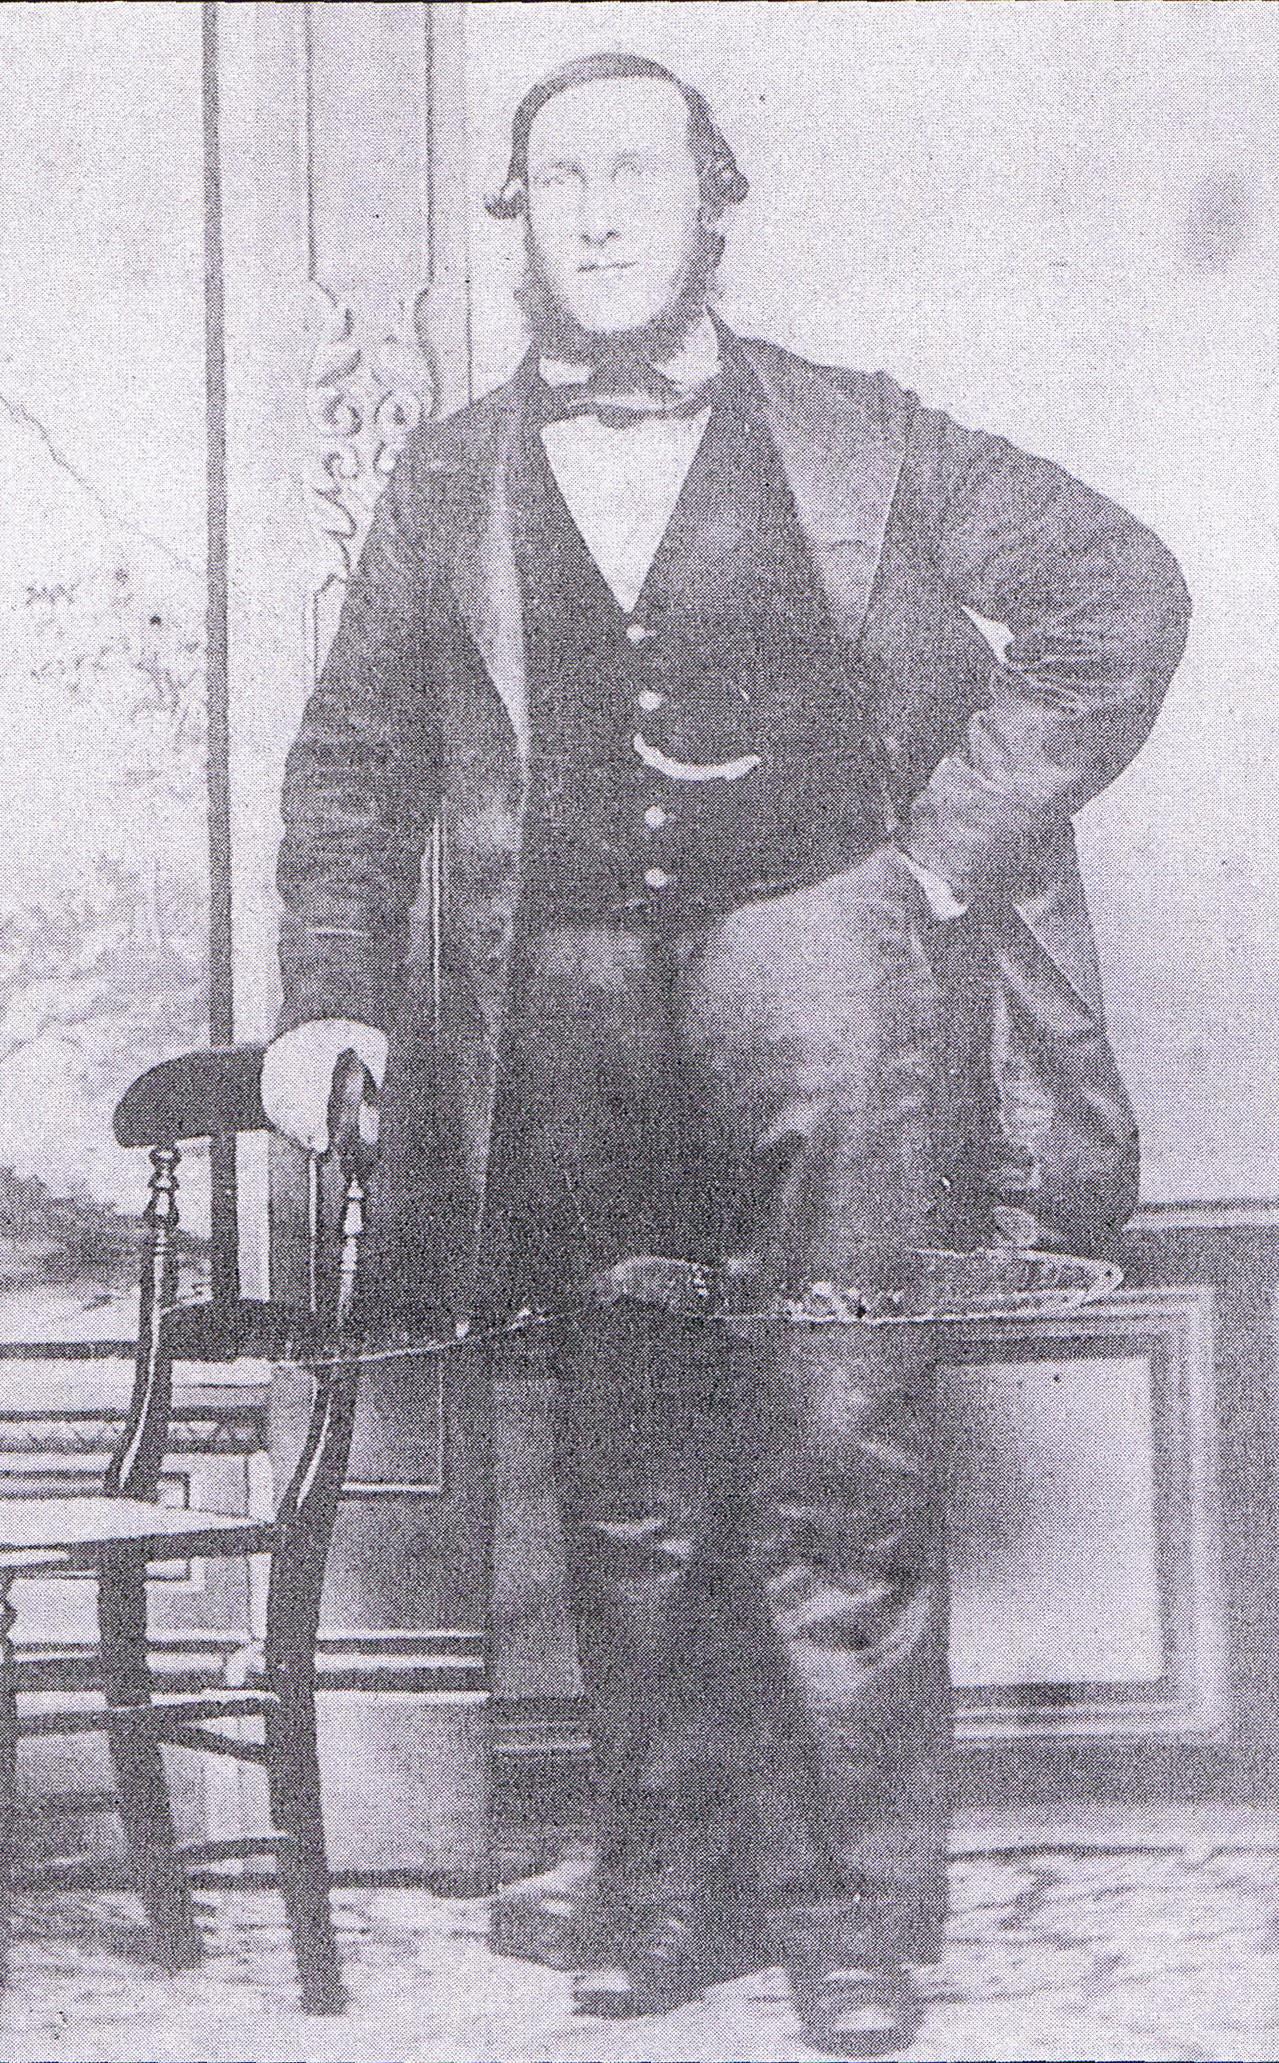 George W Beers